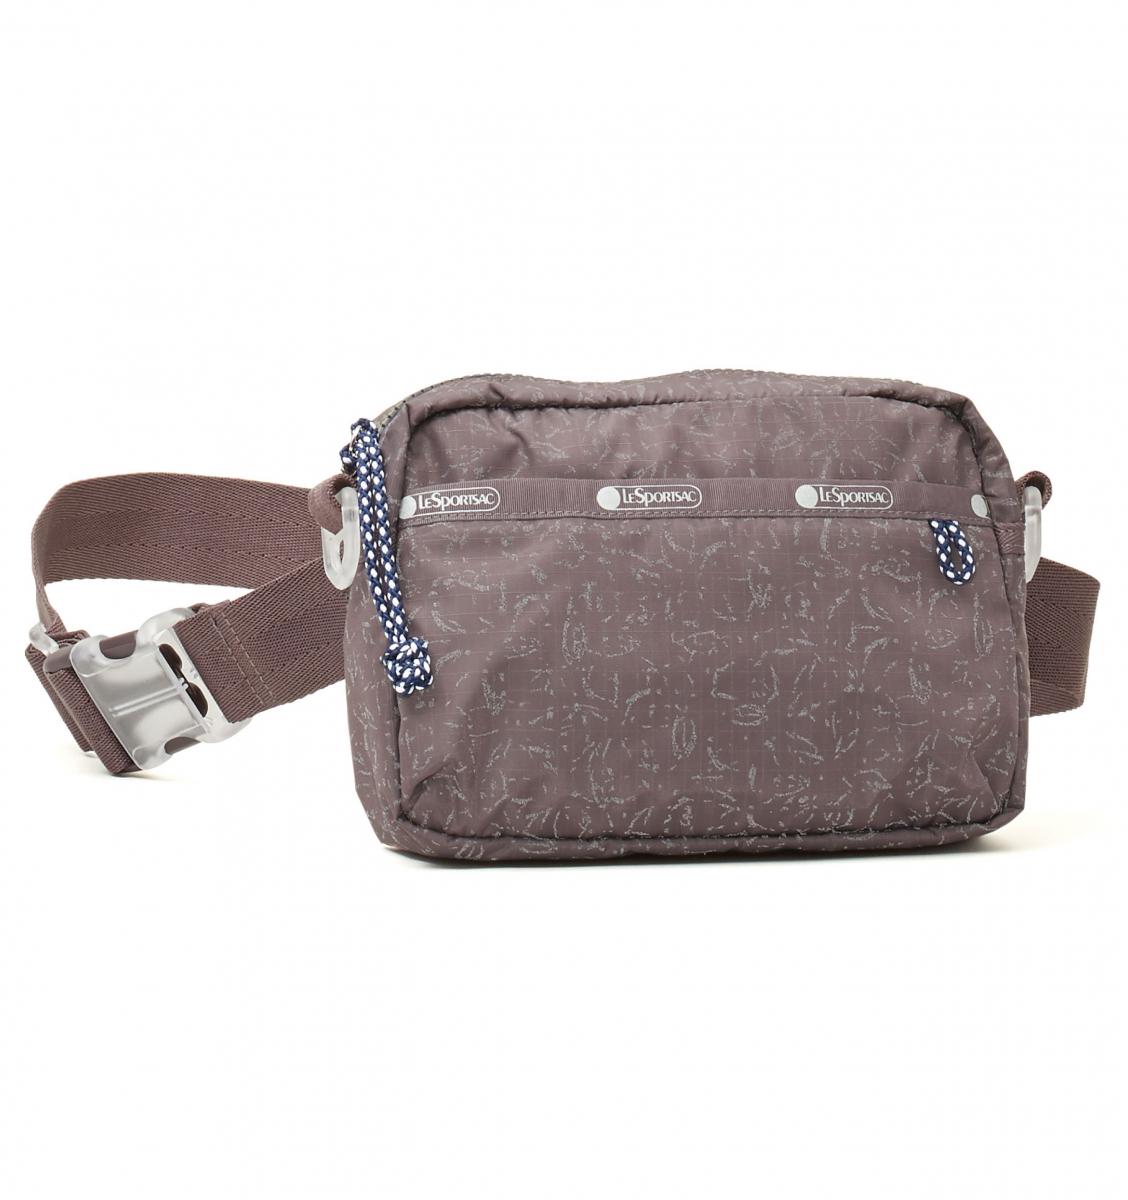 「マルチファンクショナルベルトバッグ」(H14×W20×D5cm)¥7,500/レスポートサックジャパン